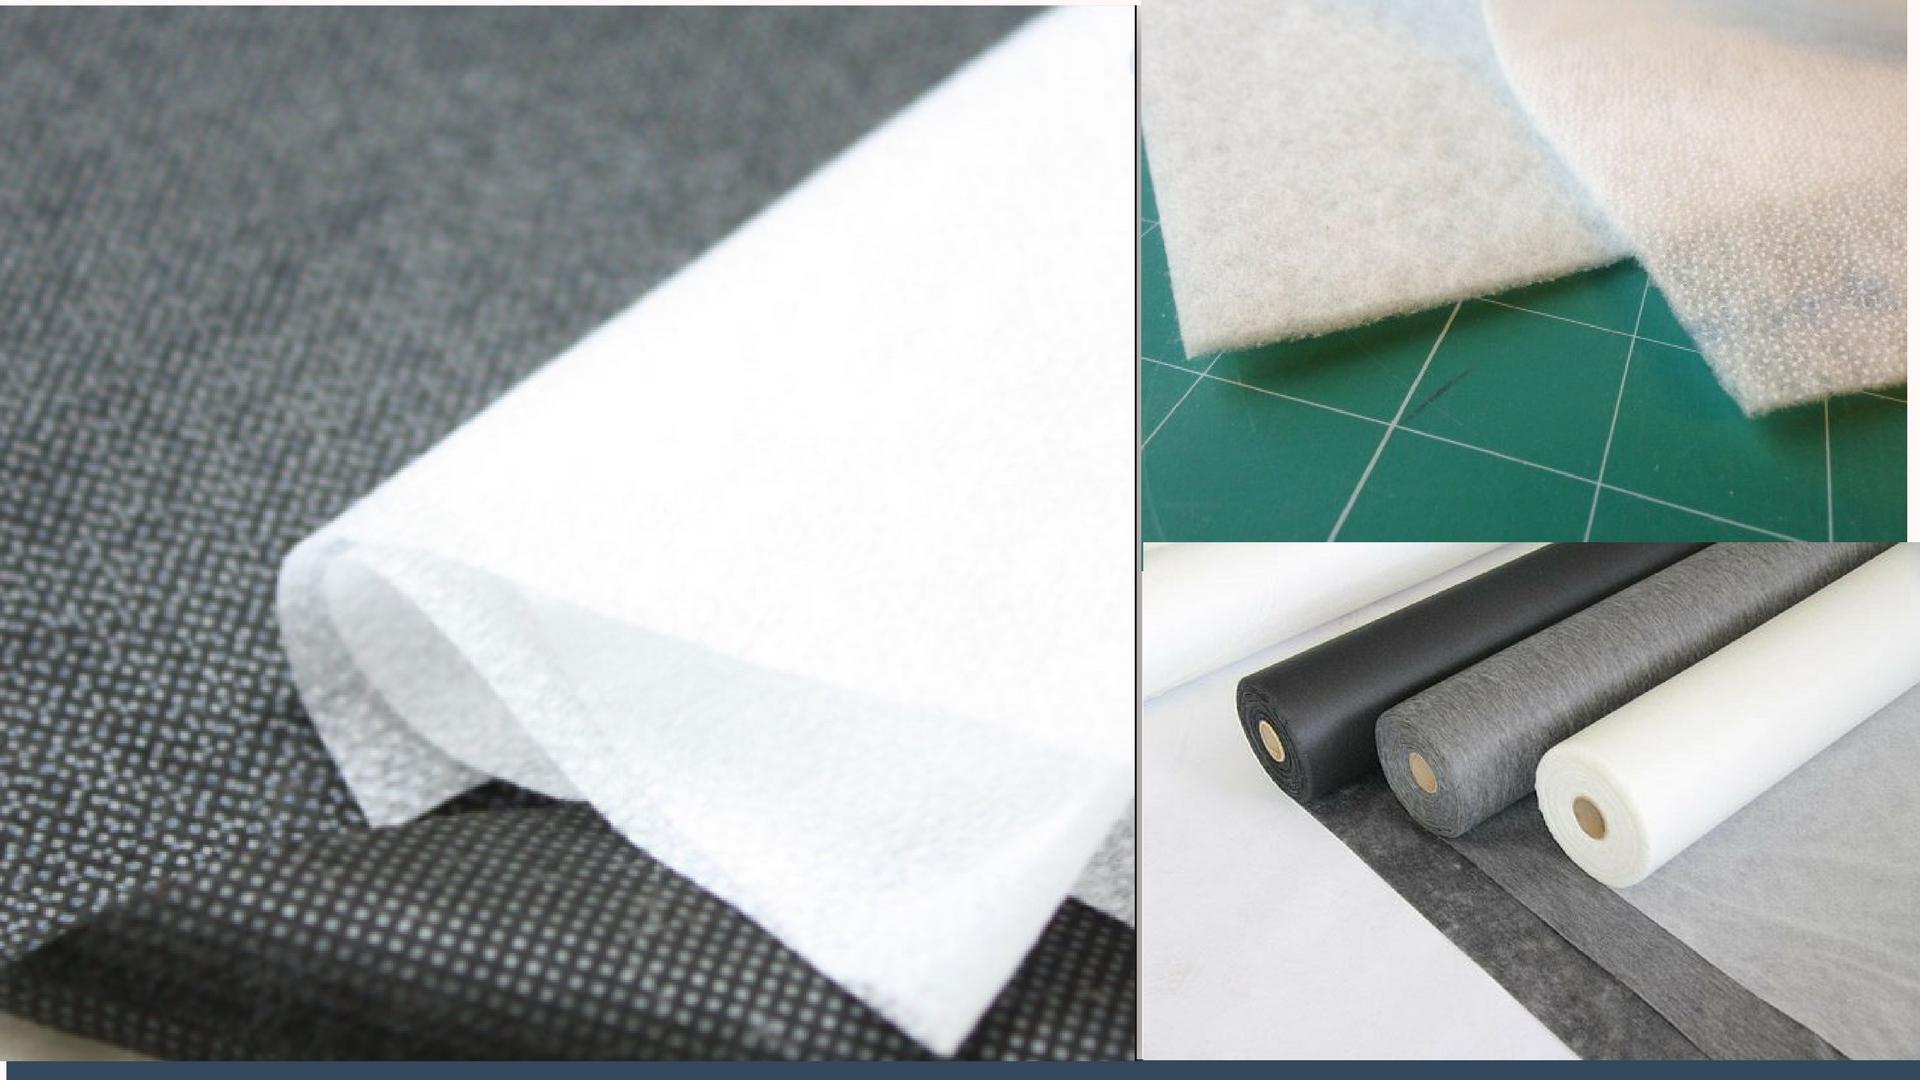 Ткань флизелин: что это такое, как и для чего используют клеевой и неклеевой материал?